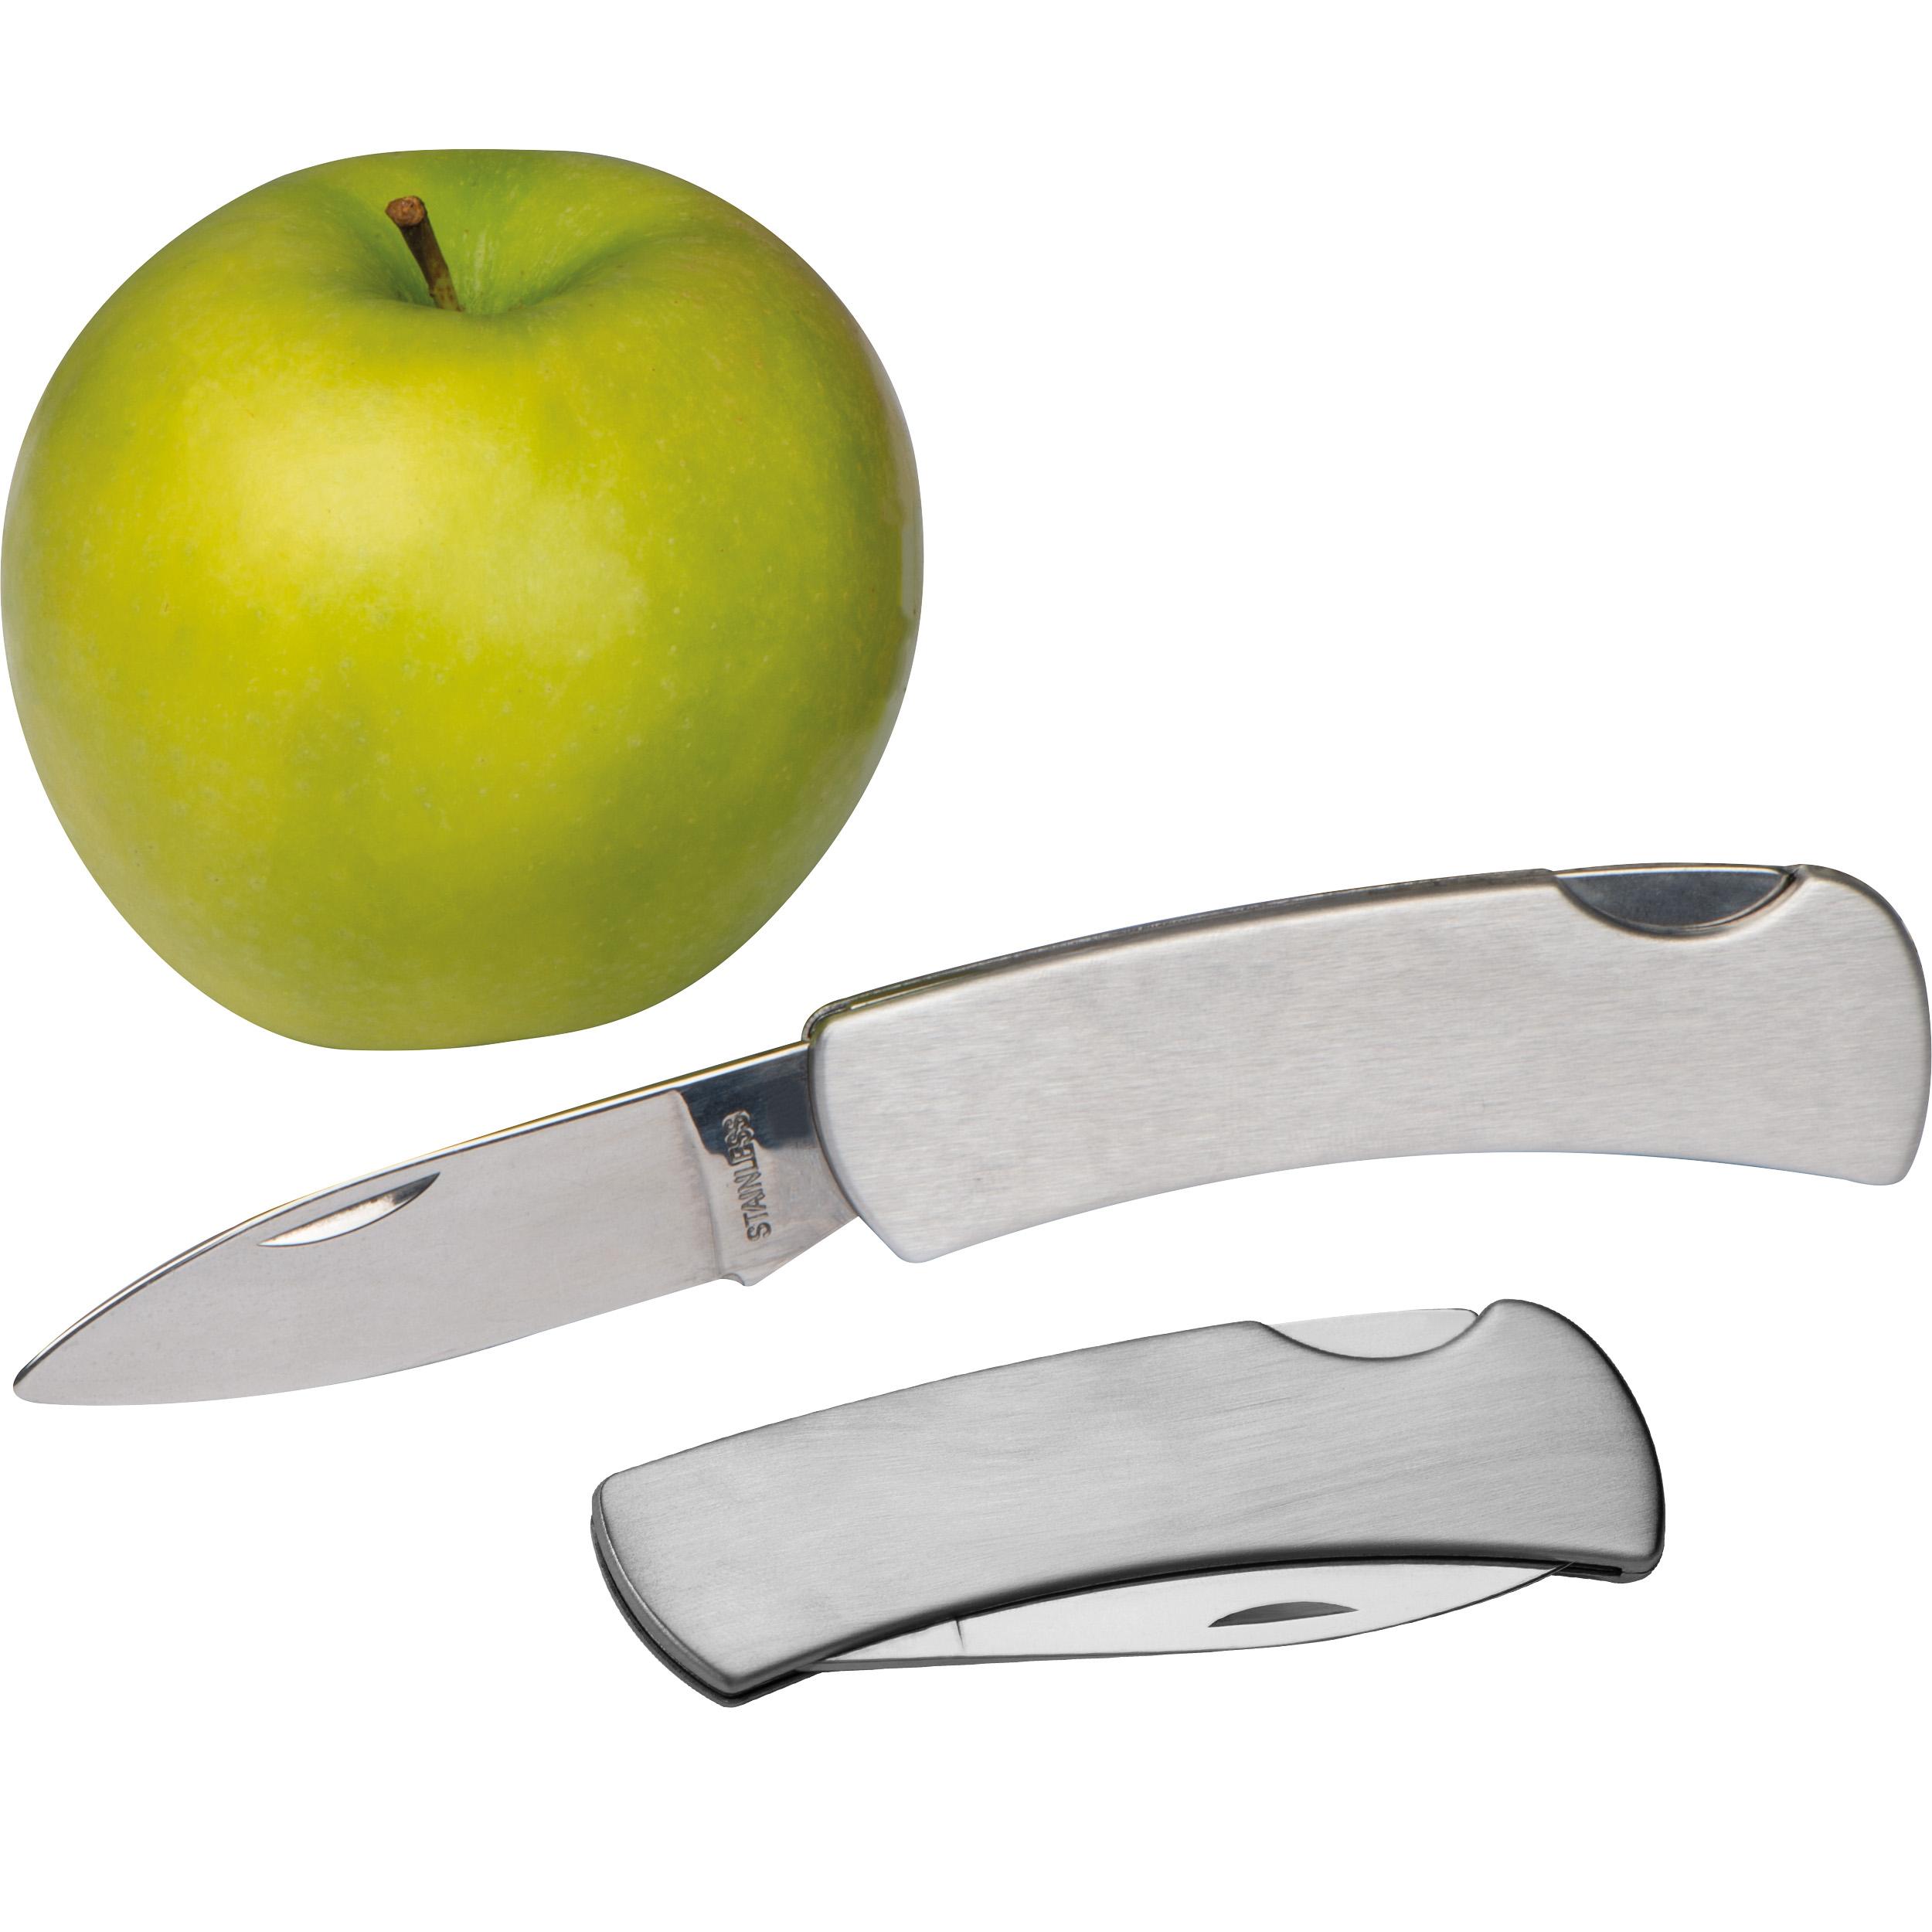 Couteau de poche avec fermeture de sécurité